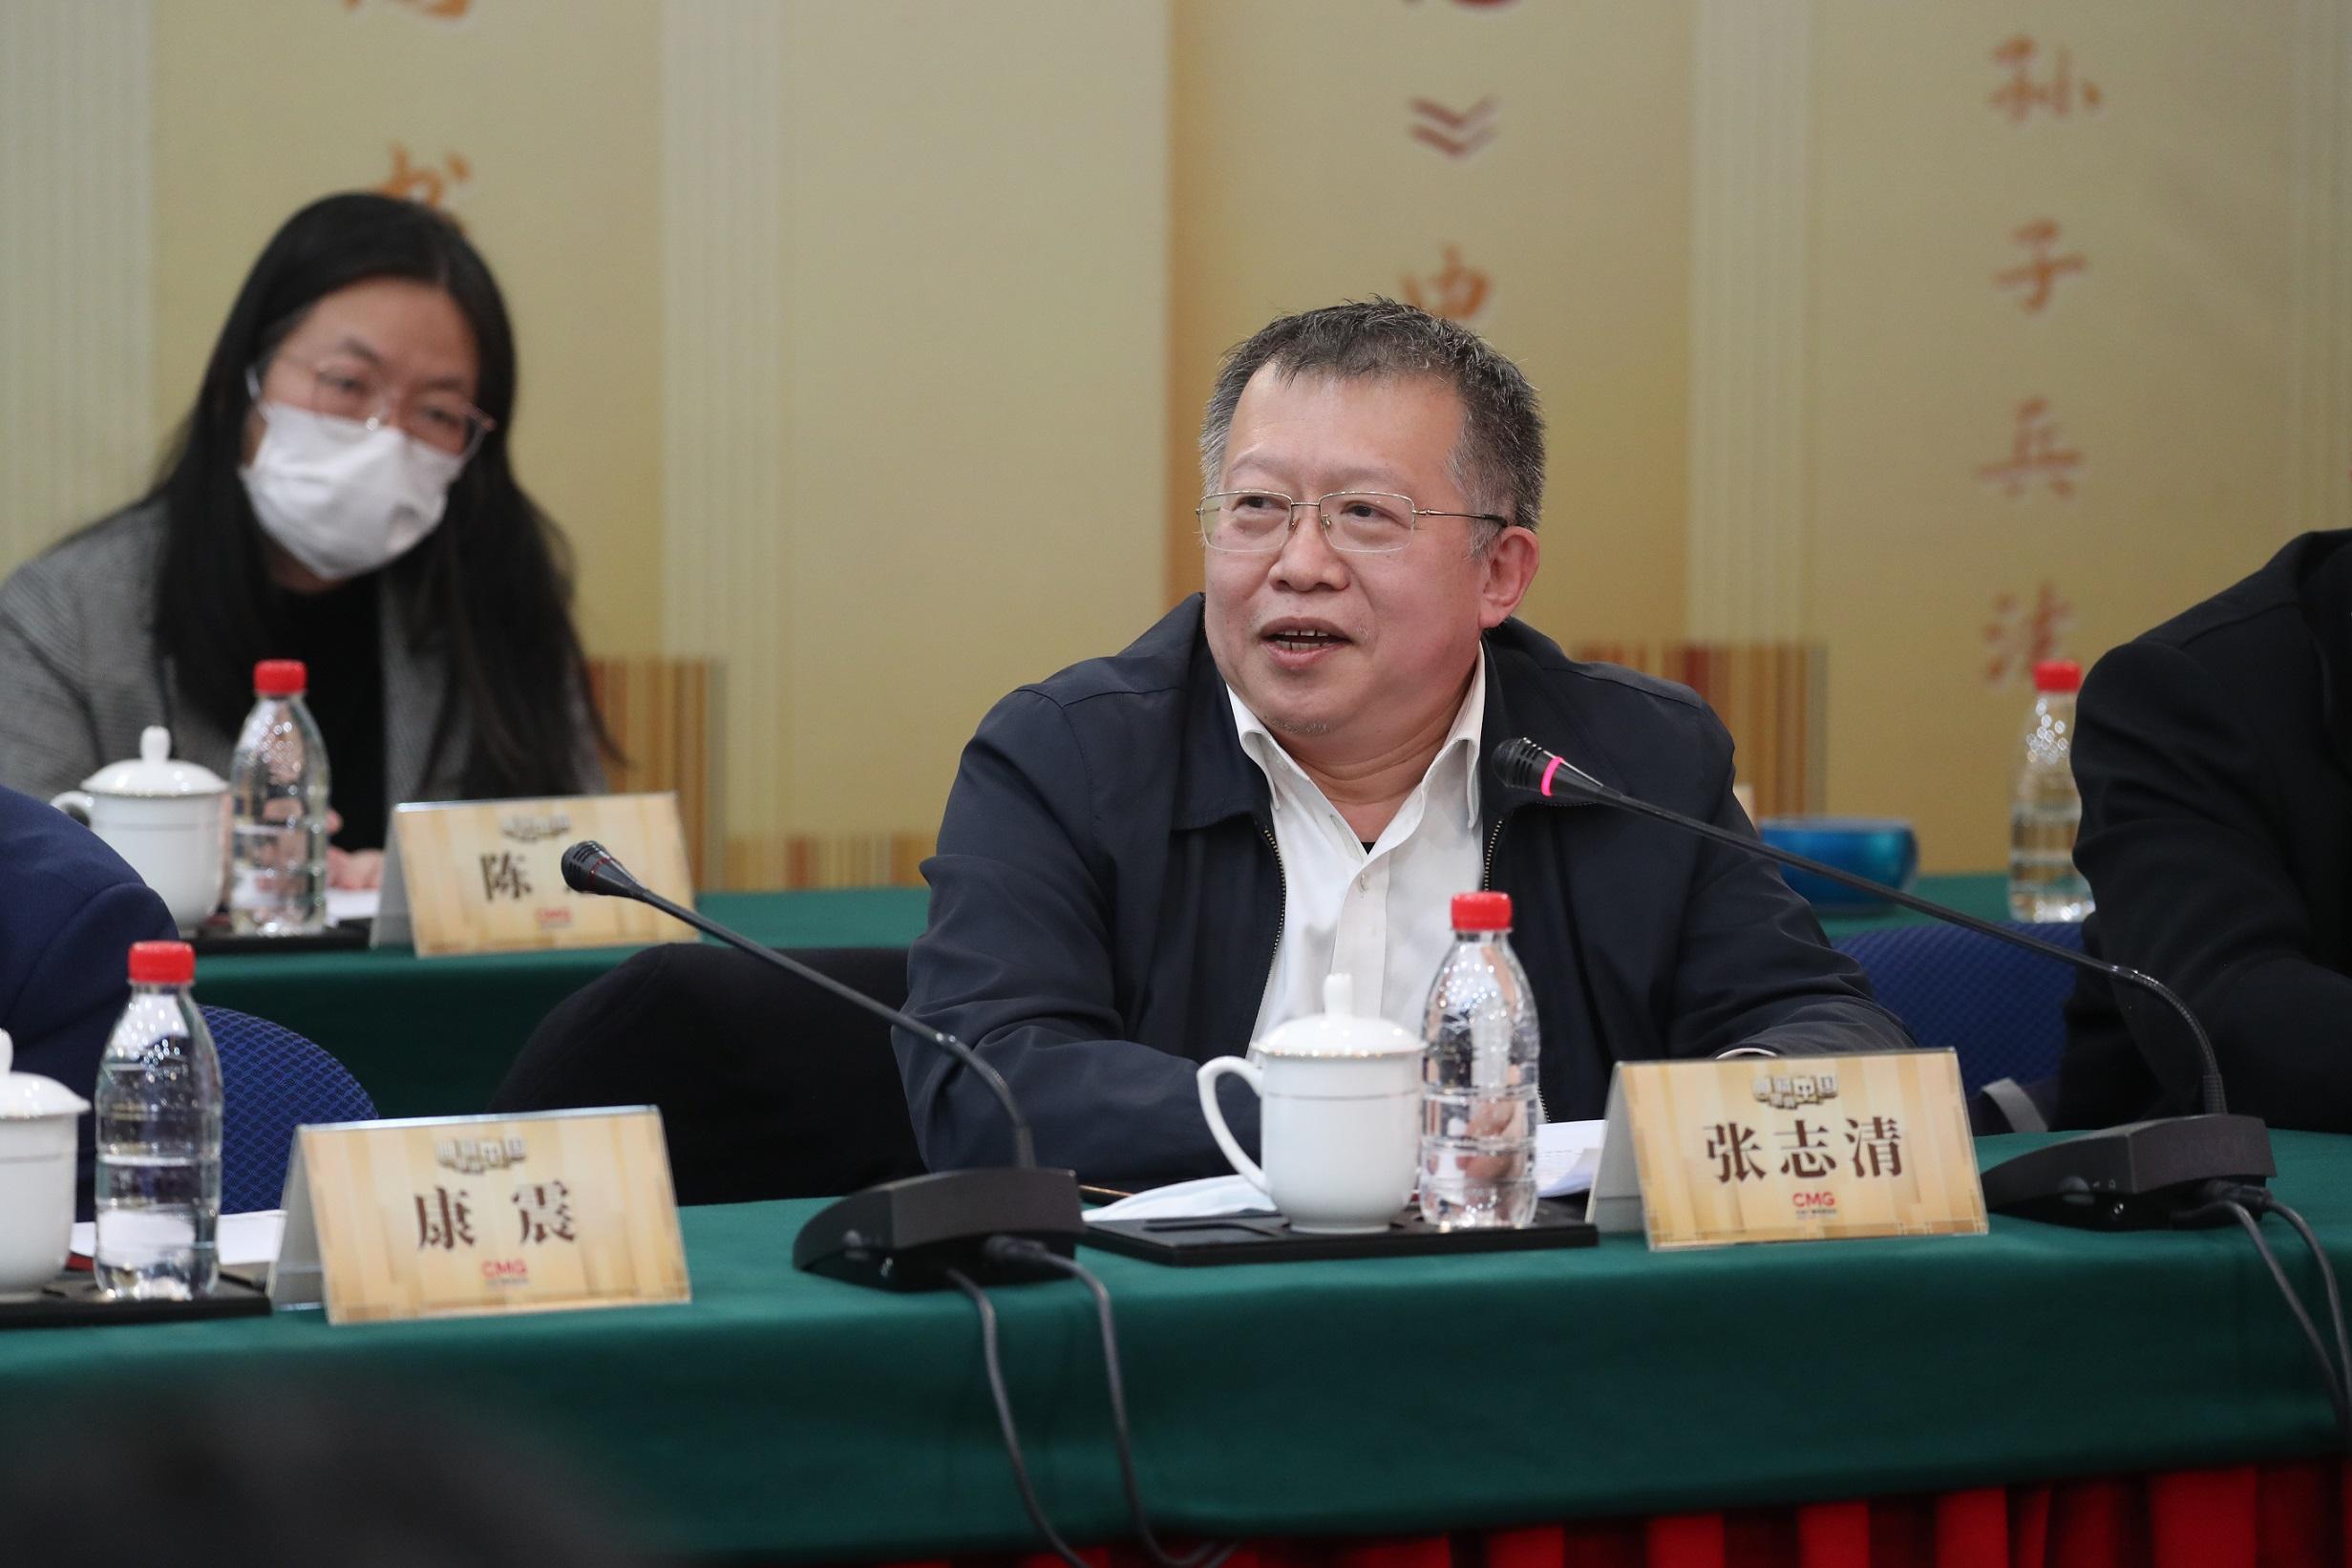 """让典籍""""点""""亮来路 《典籍里的中国》创作座谈会举行"""